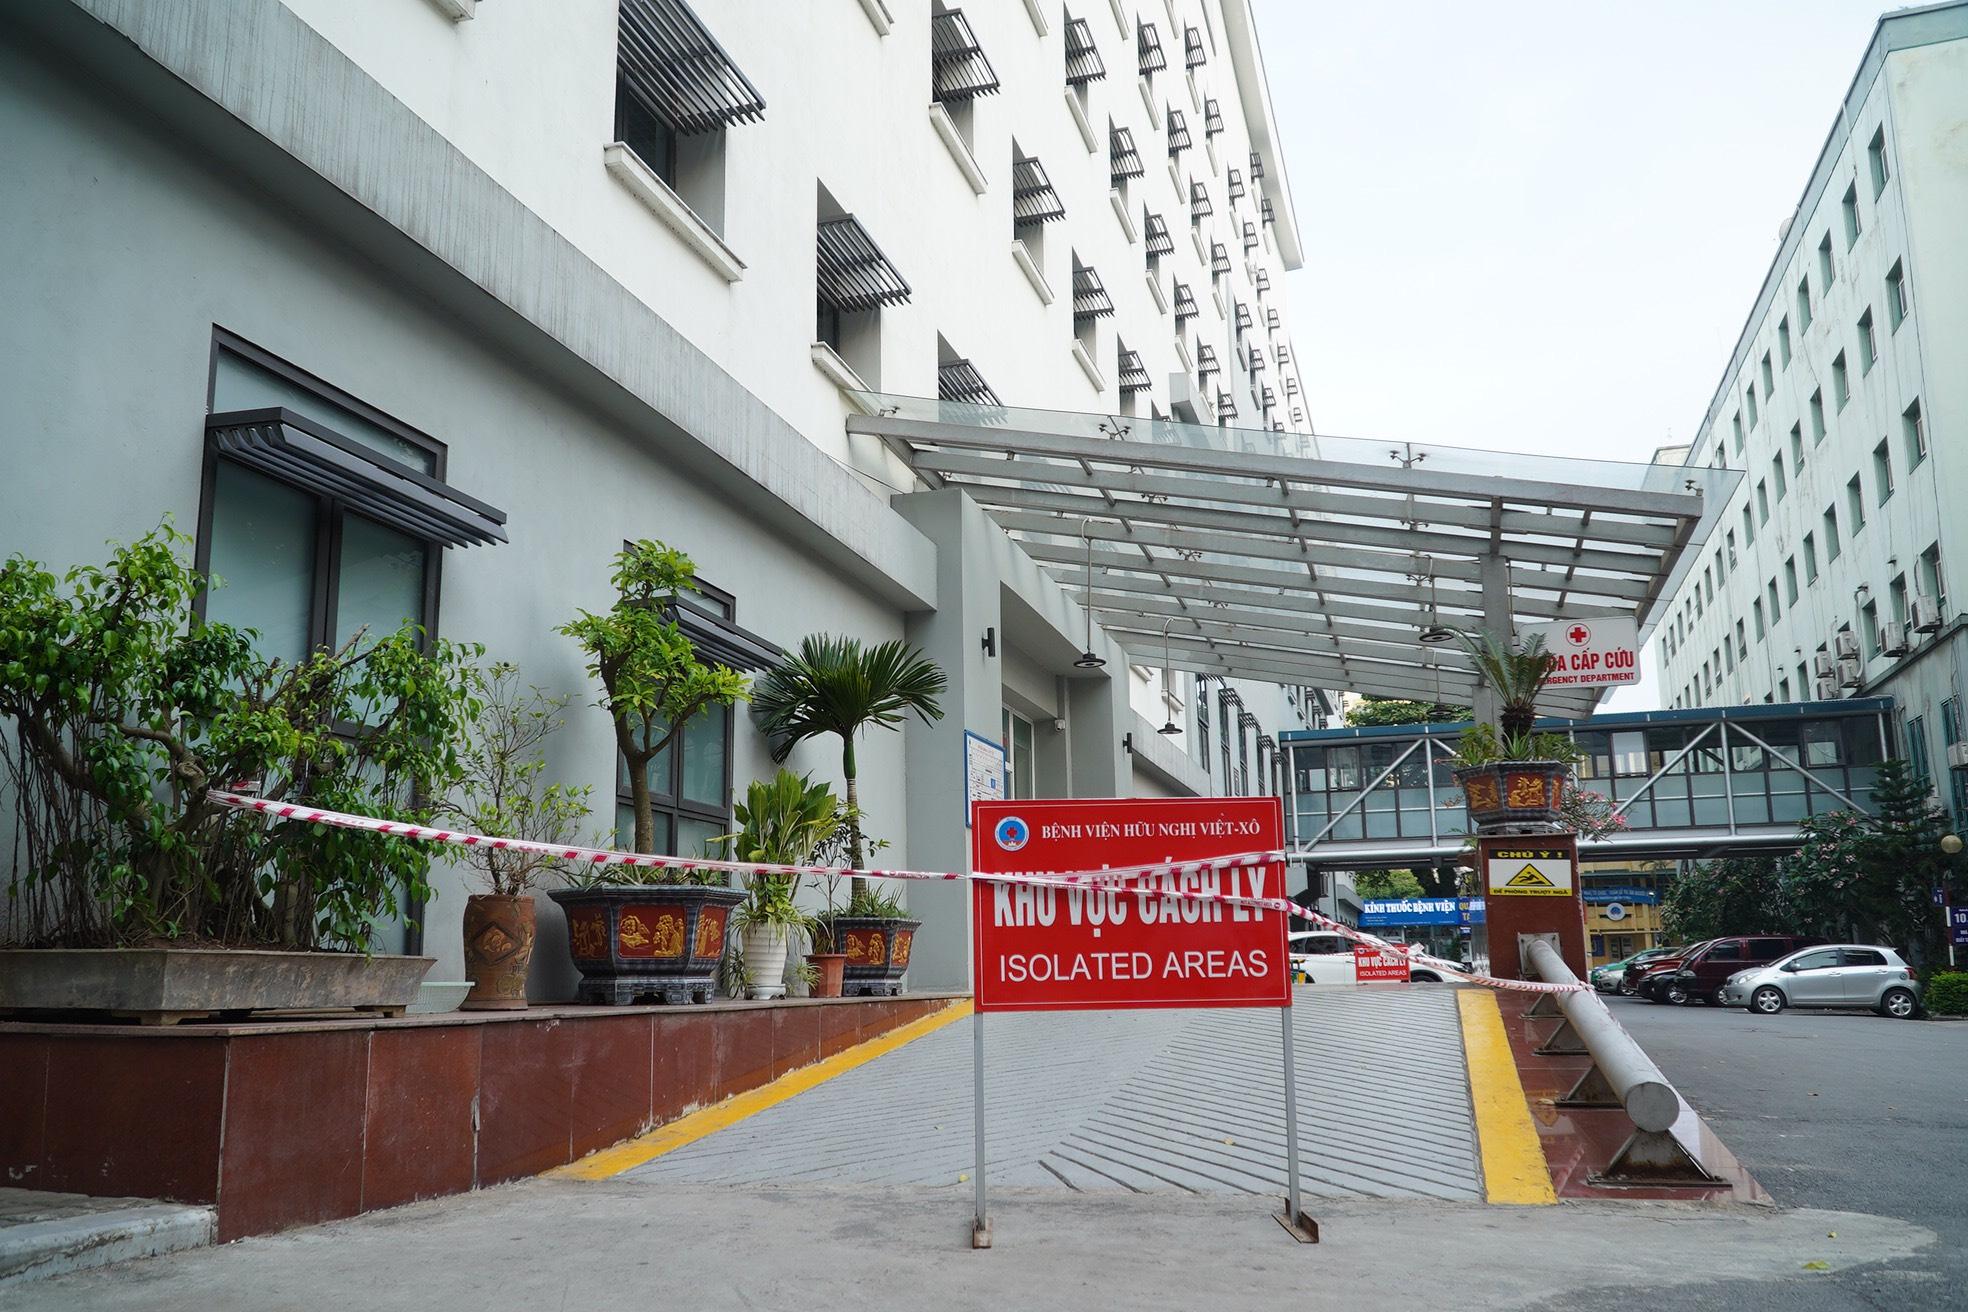 Khoa Cấp cứu, Bệnh viện Hữu nghị bị phong tỏa chiều 12/5. Ảnh: Văn Phong.